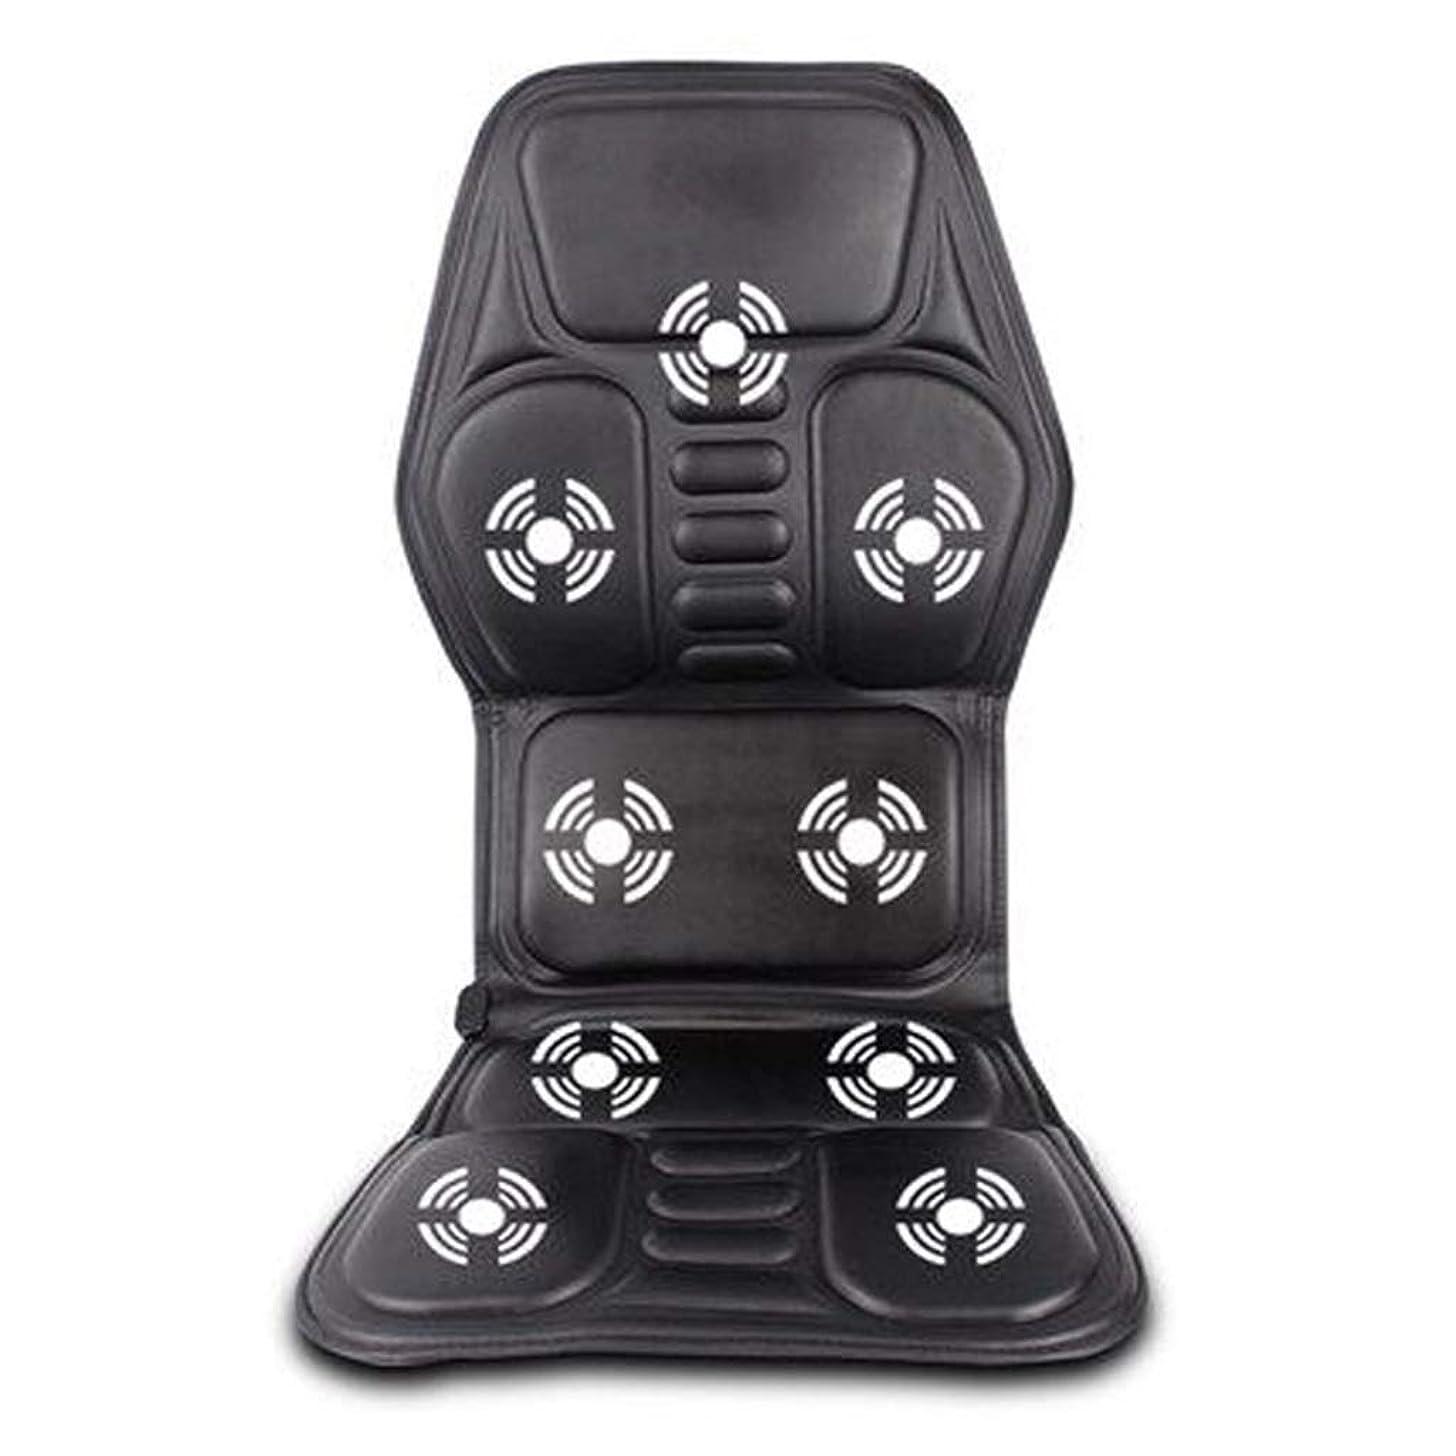 耐えられる最初はセッションマッサージャー マッサージホームカー戻るマッサージチェアクッション子宮頸ネックウエスト戻る腰椎電気暖房ウォームホットマッサージクッション (Color : Black, Size : 118*52cm)